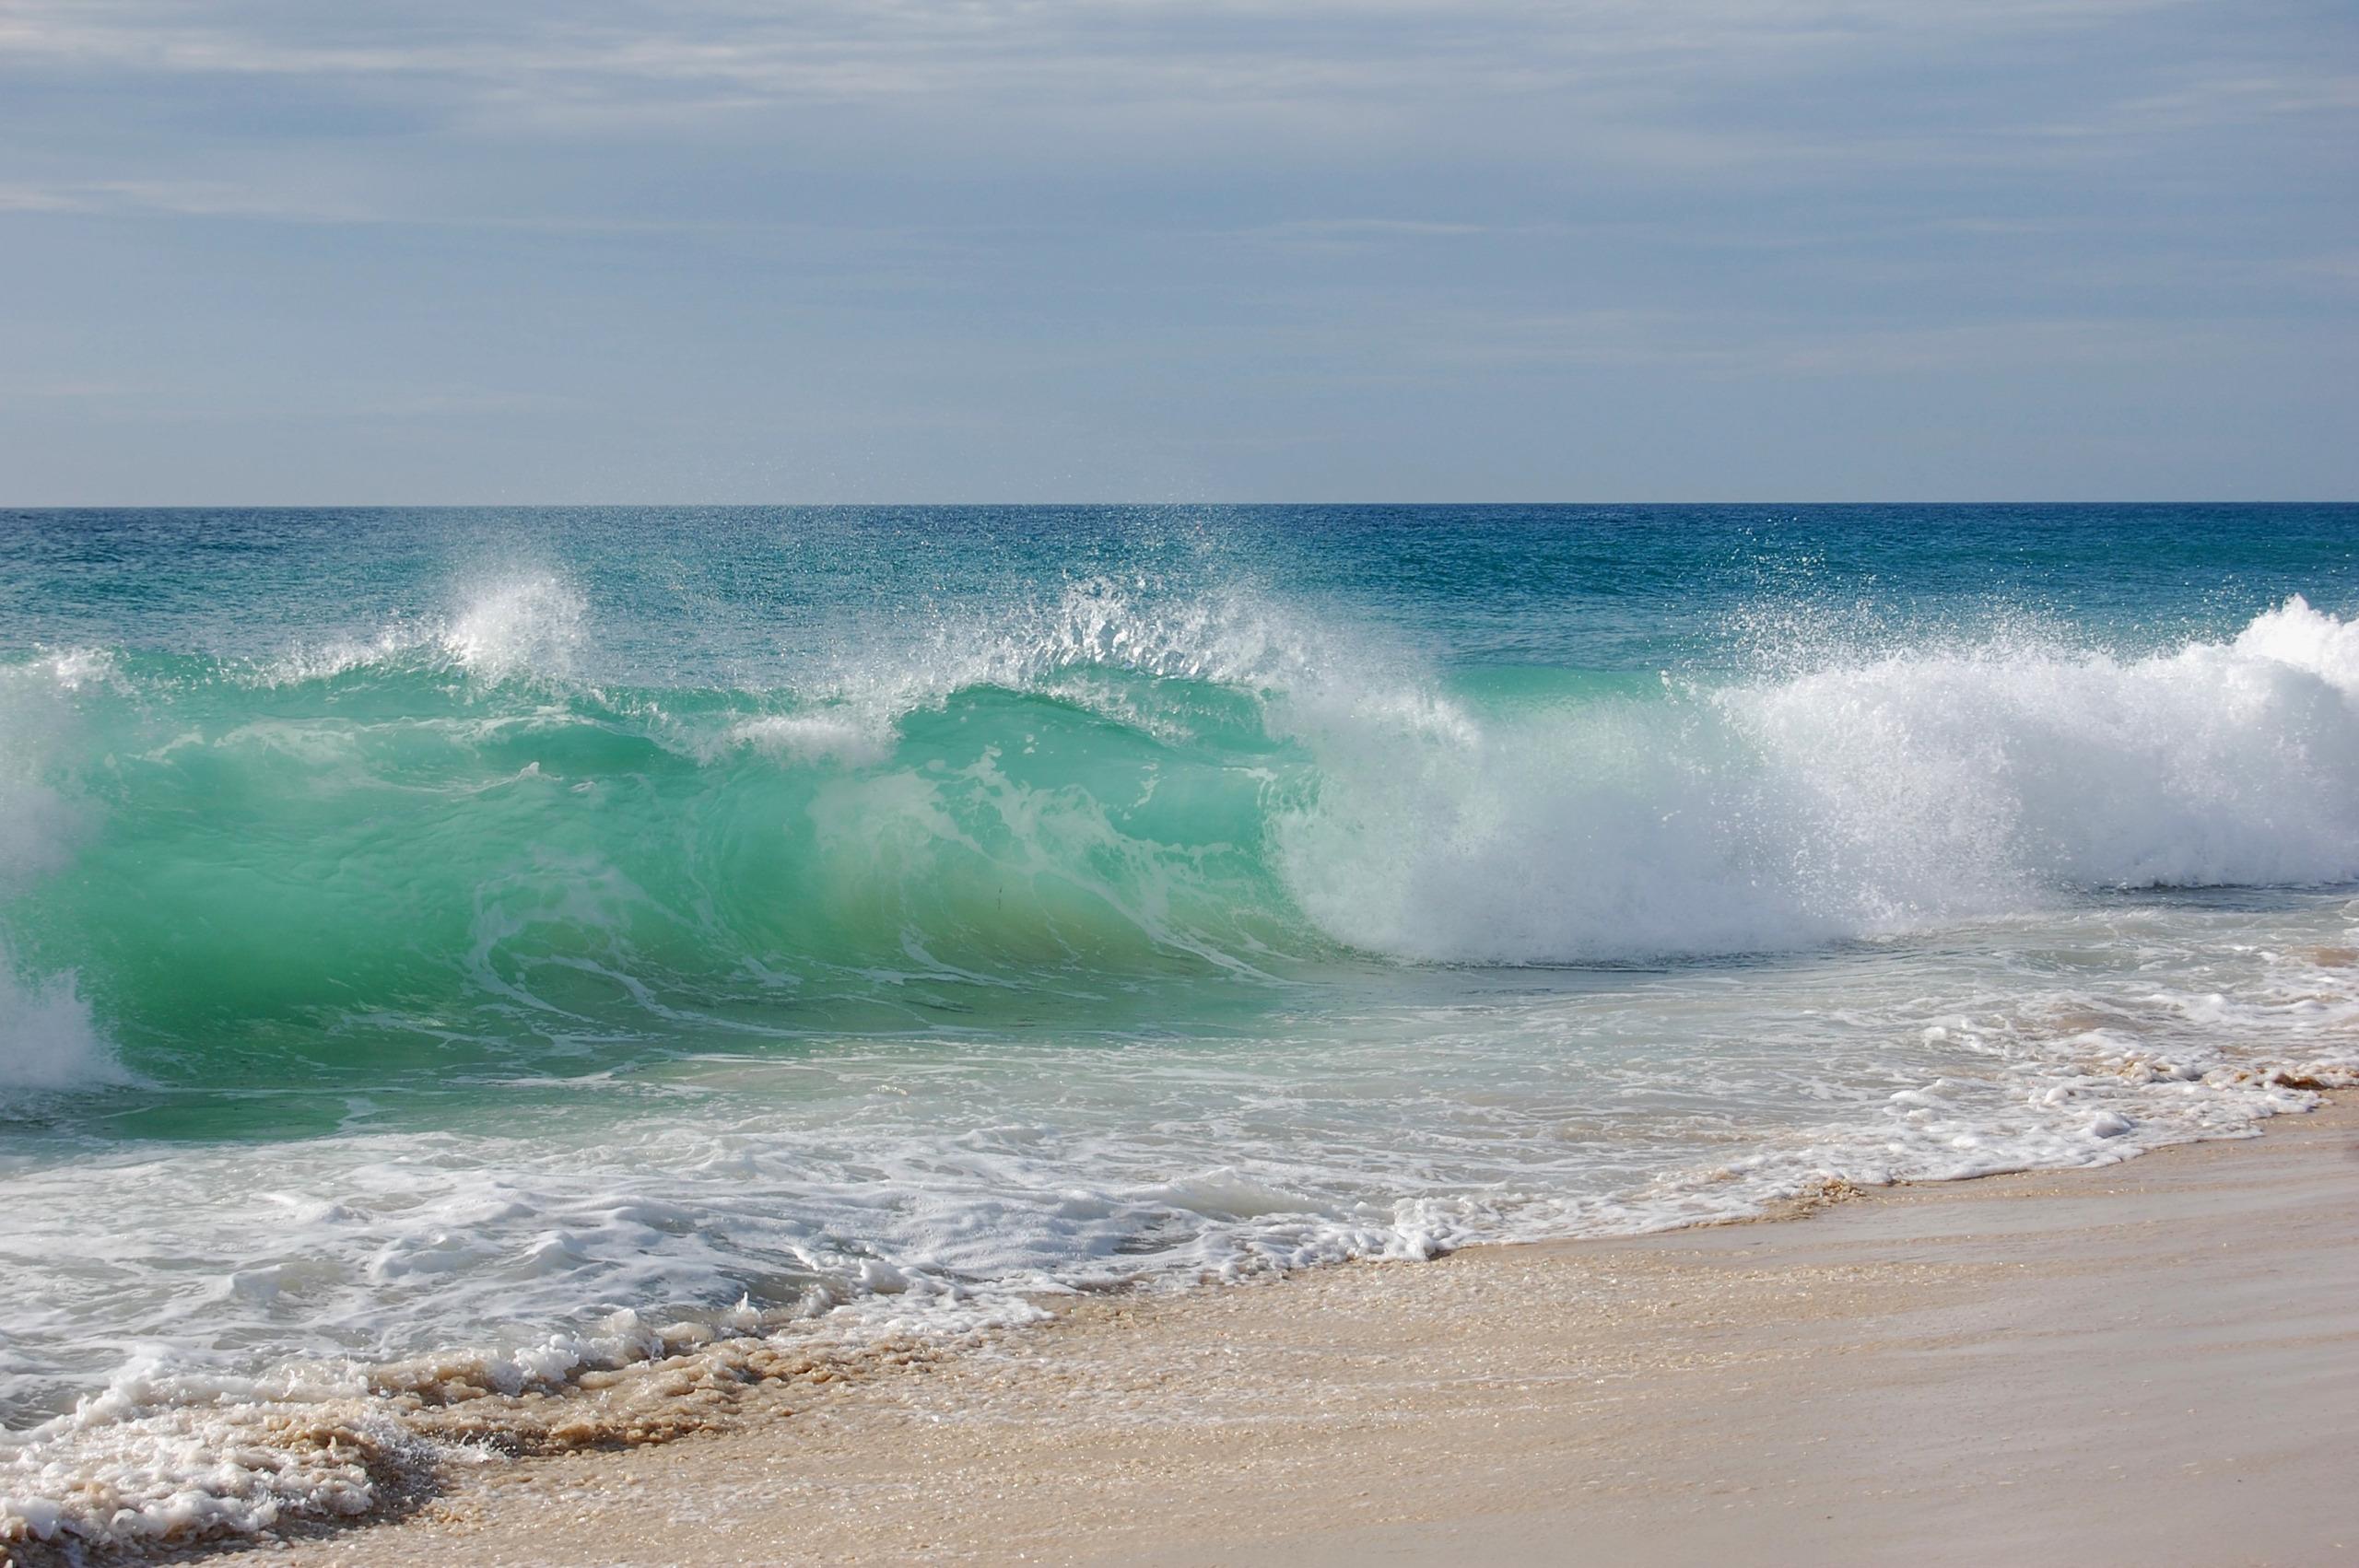 берег волны море  № 251002 загрузить